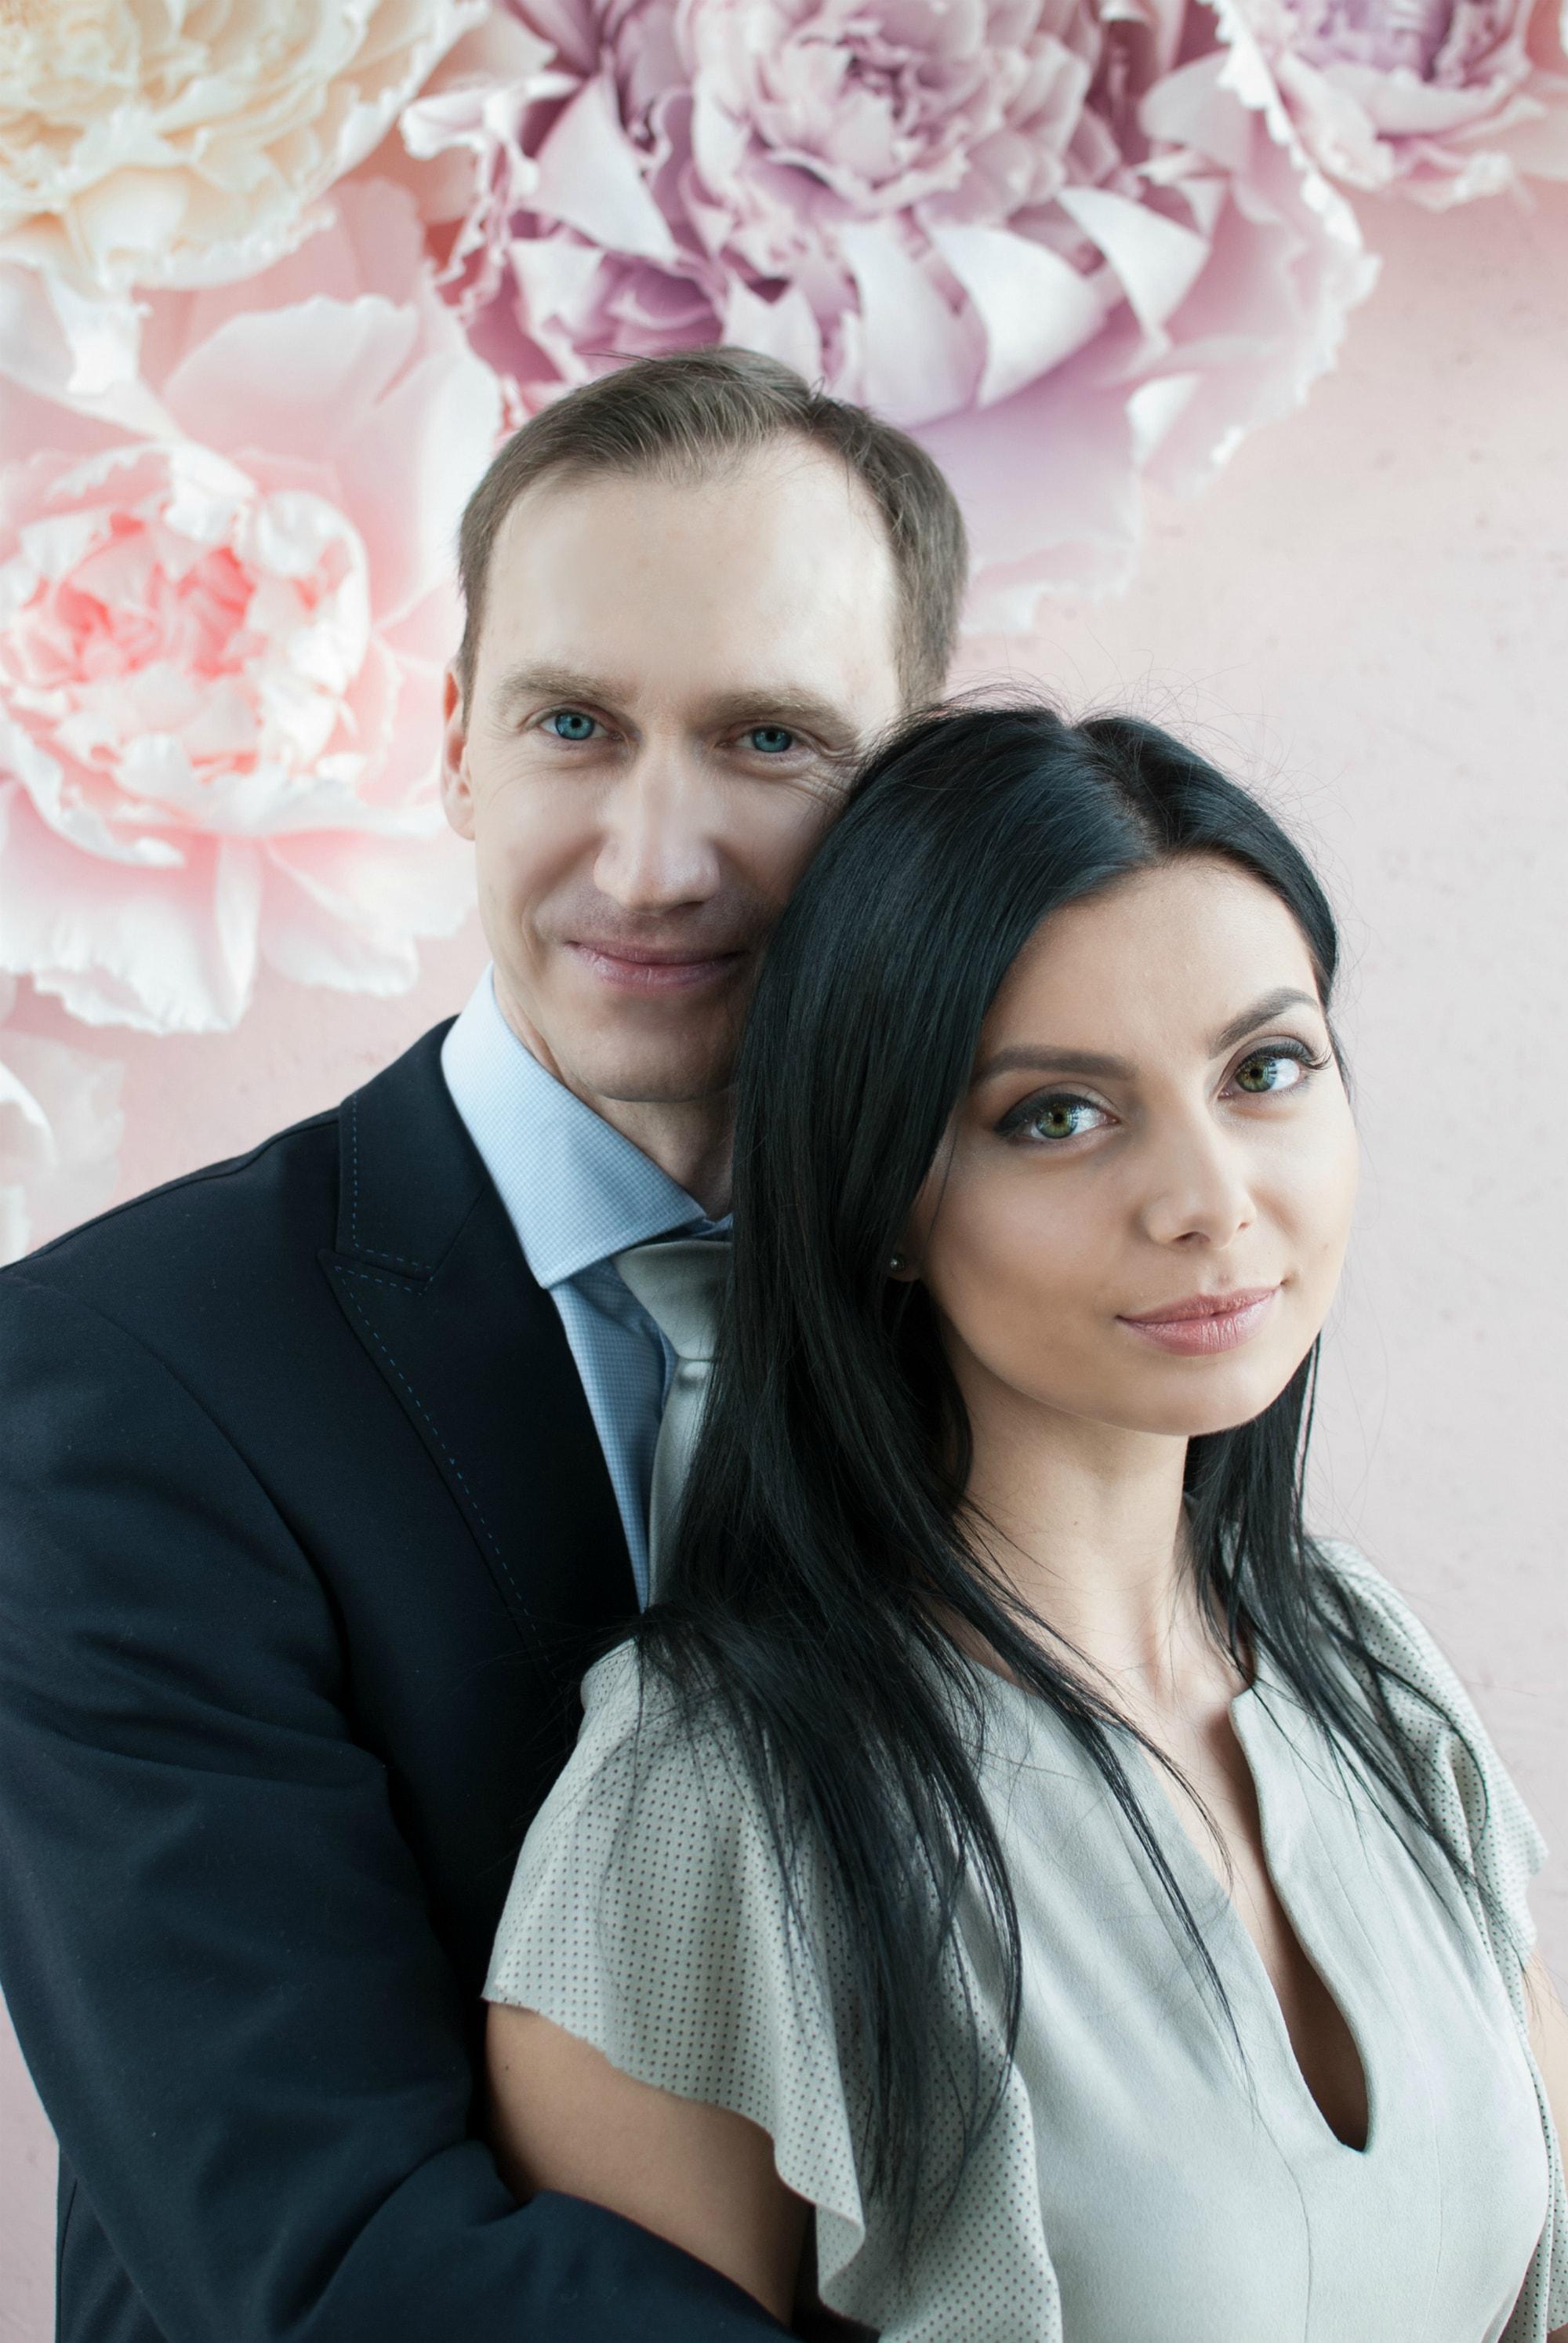 Двое в Загсе - Фотограф Киев - Женя Лайт